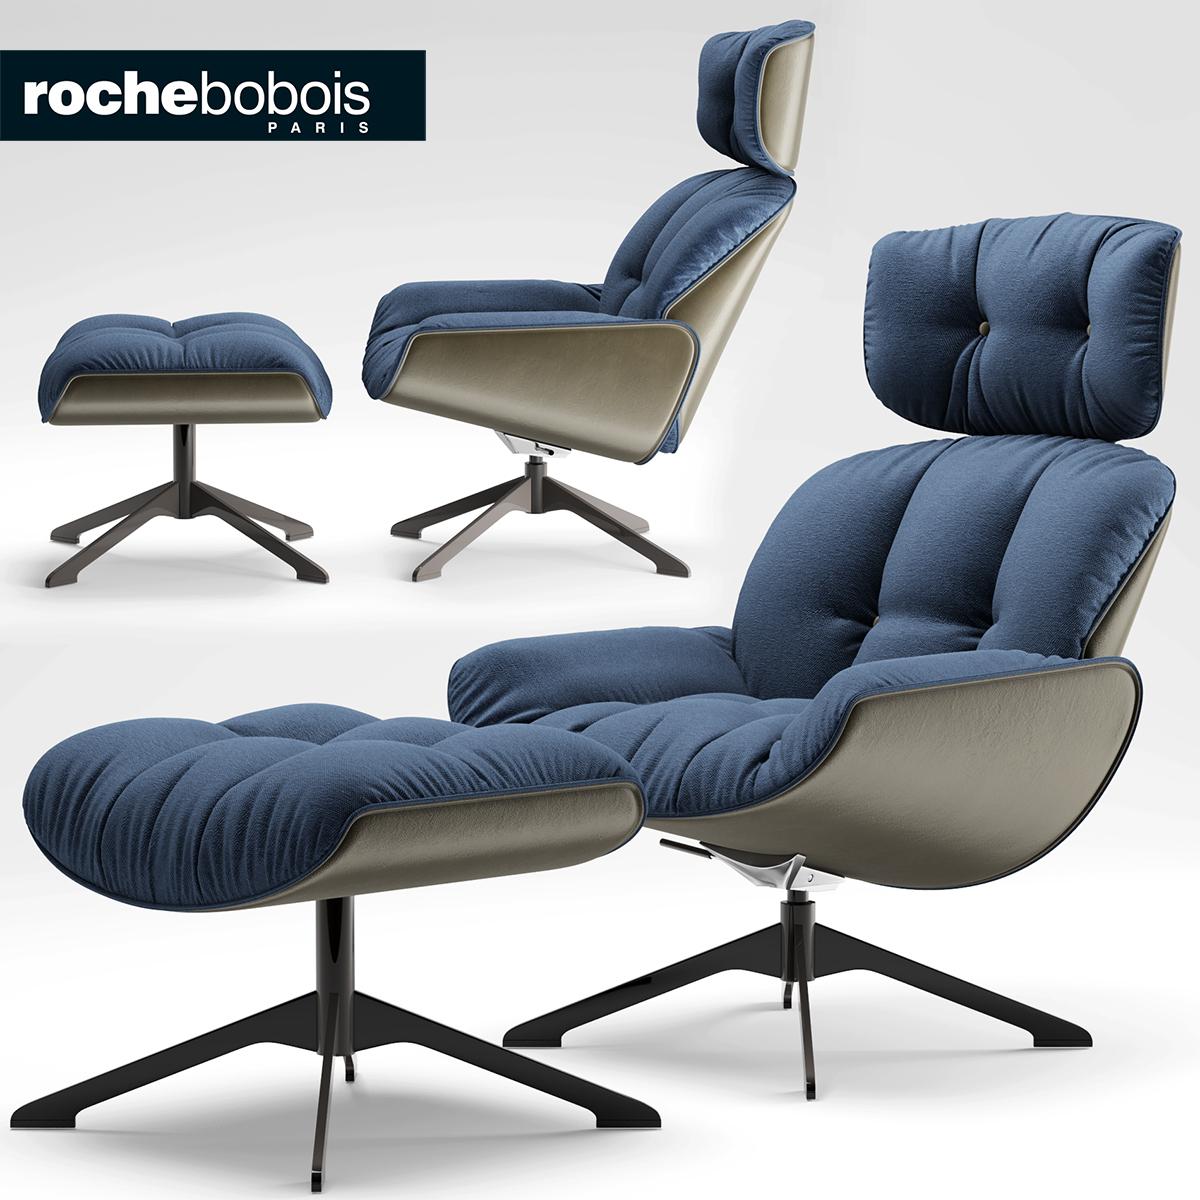 Peachy Armchair Roche Bobois Quiet Life Armchair Bralicious Painted Fabric Chair Ideas Braliciousco